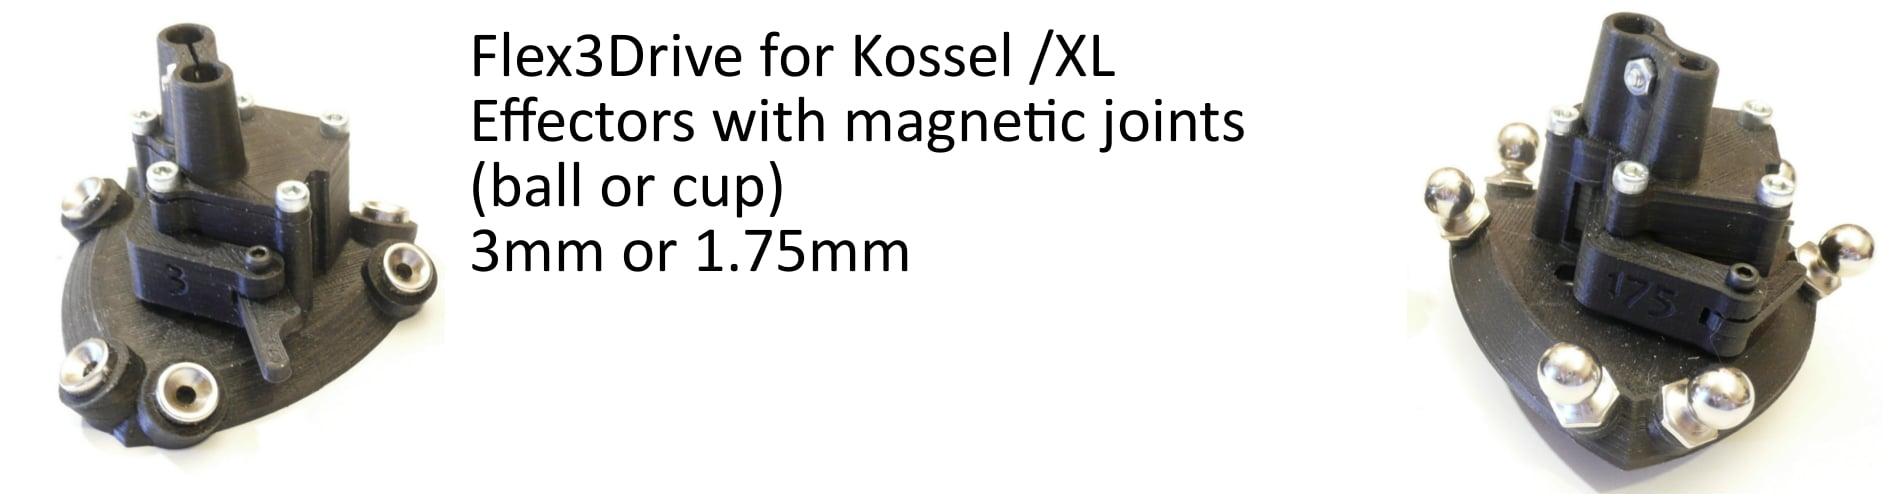 KosselSlide